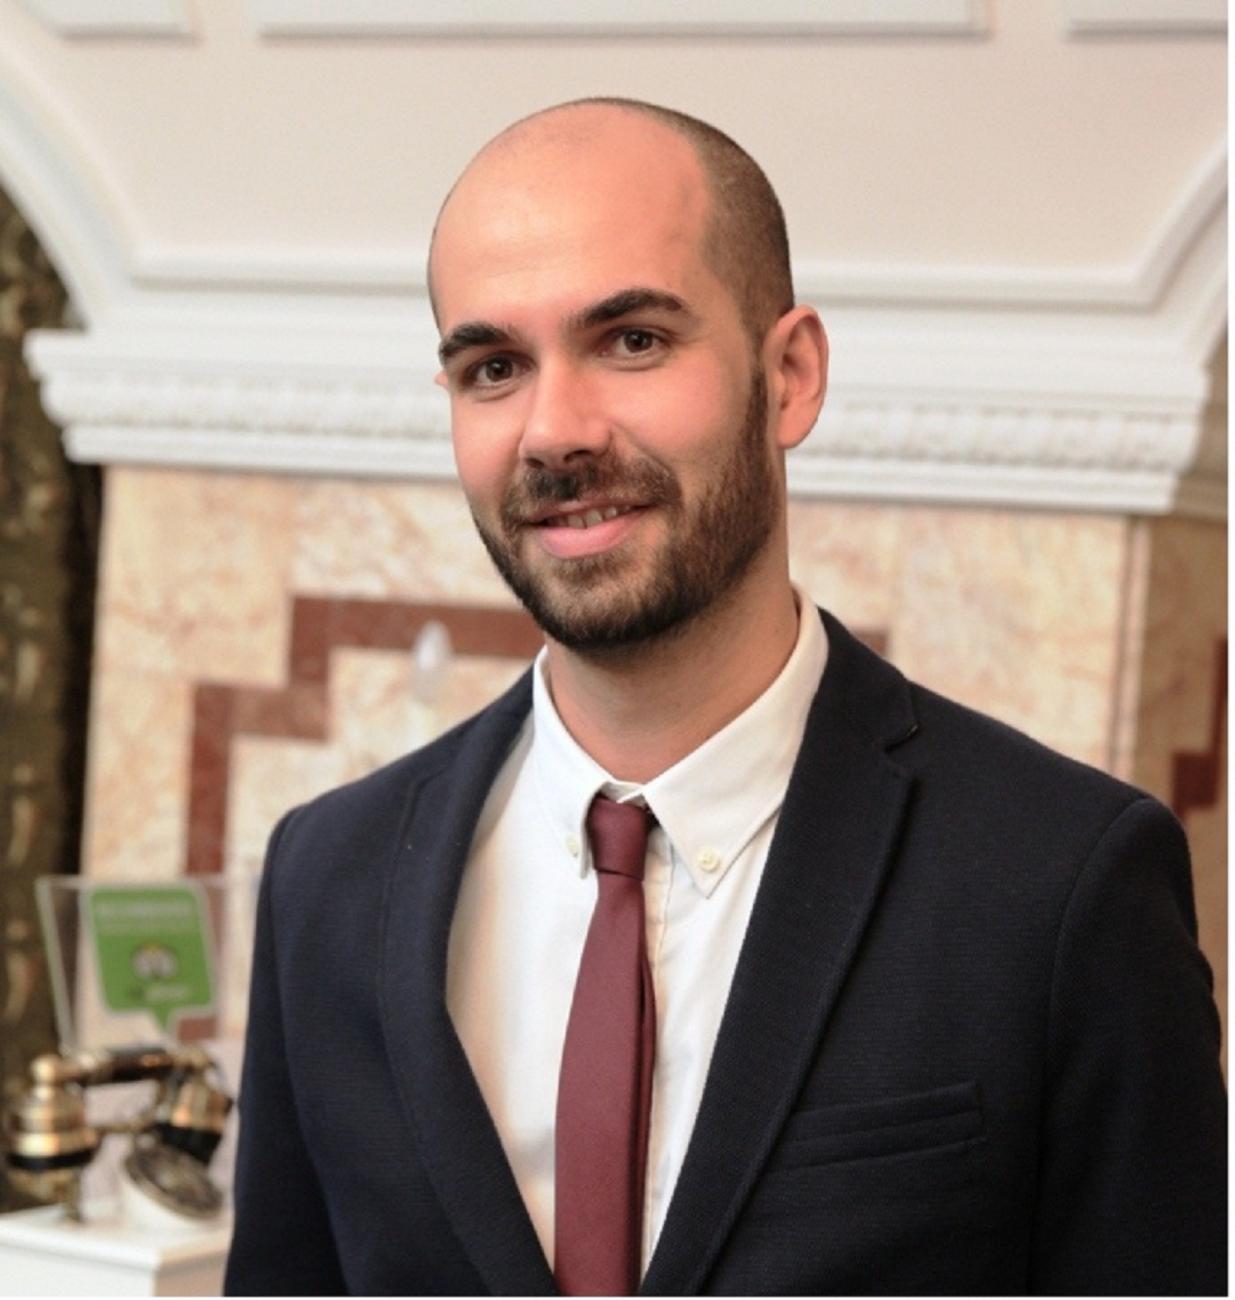 Fabio Morandin